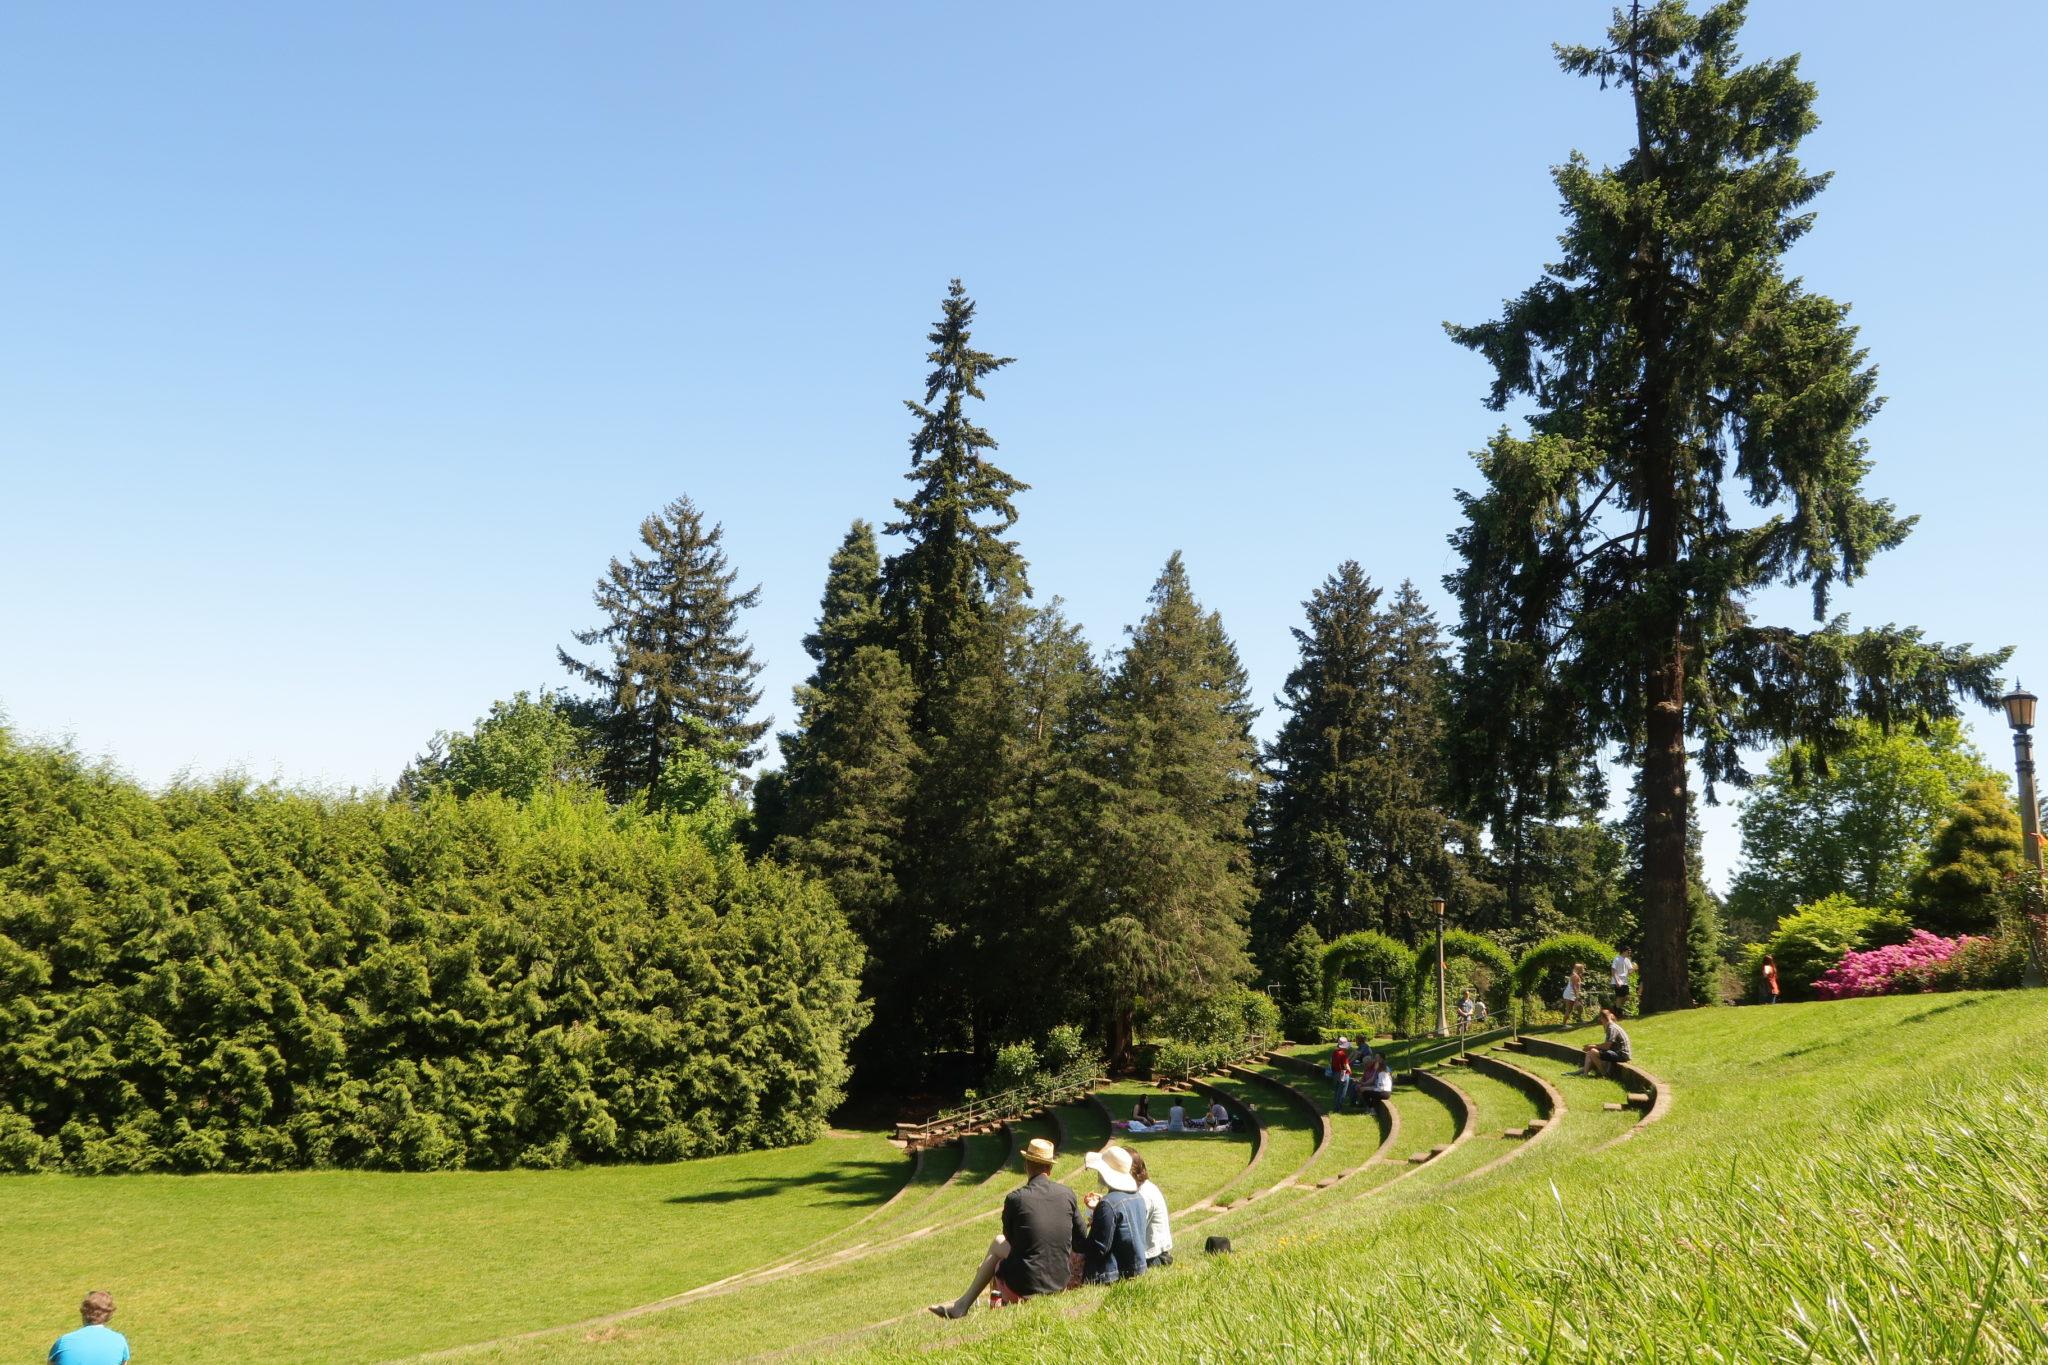 Parque de las rosas en Portland, Oregon.